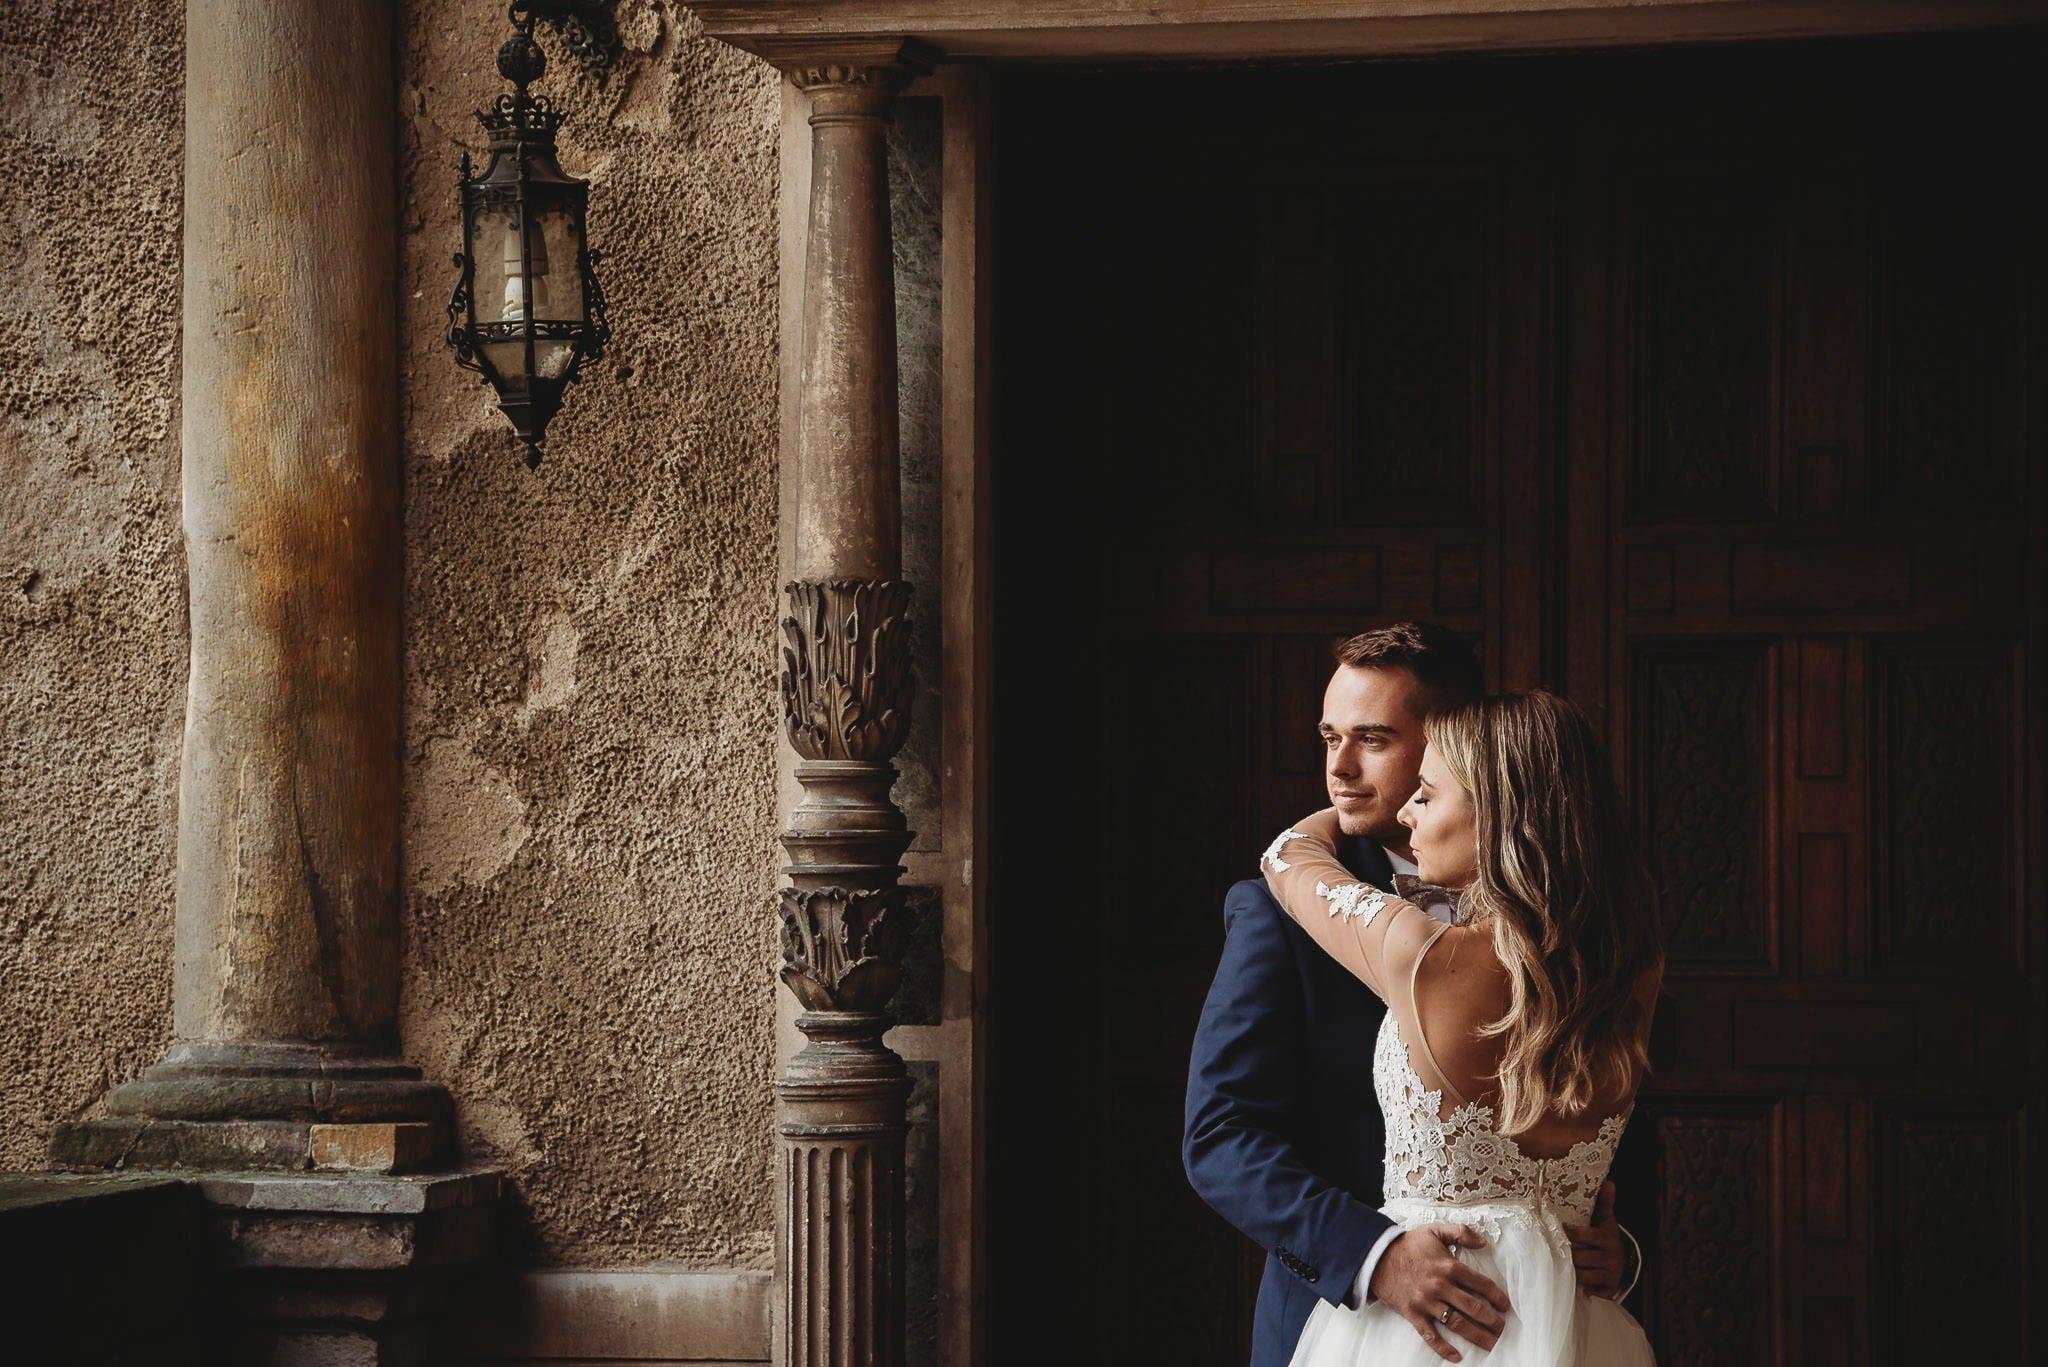 Angelika i Michał, piękne zdjęcia ślubne i sesja plenerowa w Gołuchowie 252